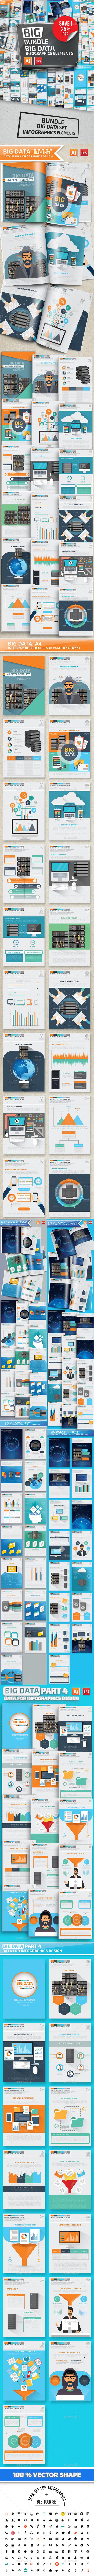 Bundle Big Data Infographics Template - Infographics